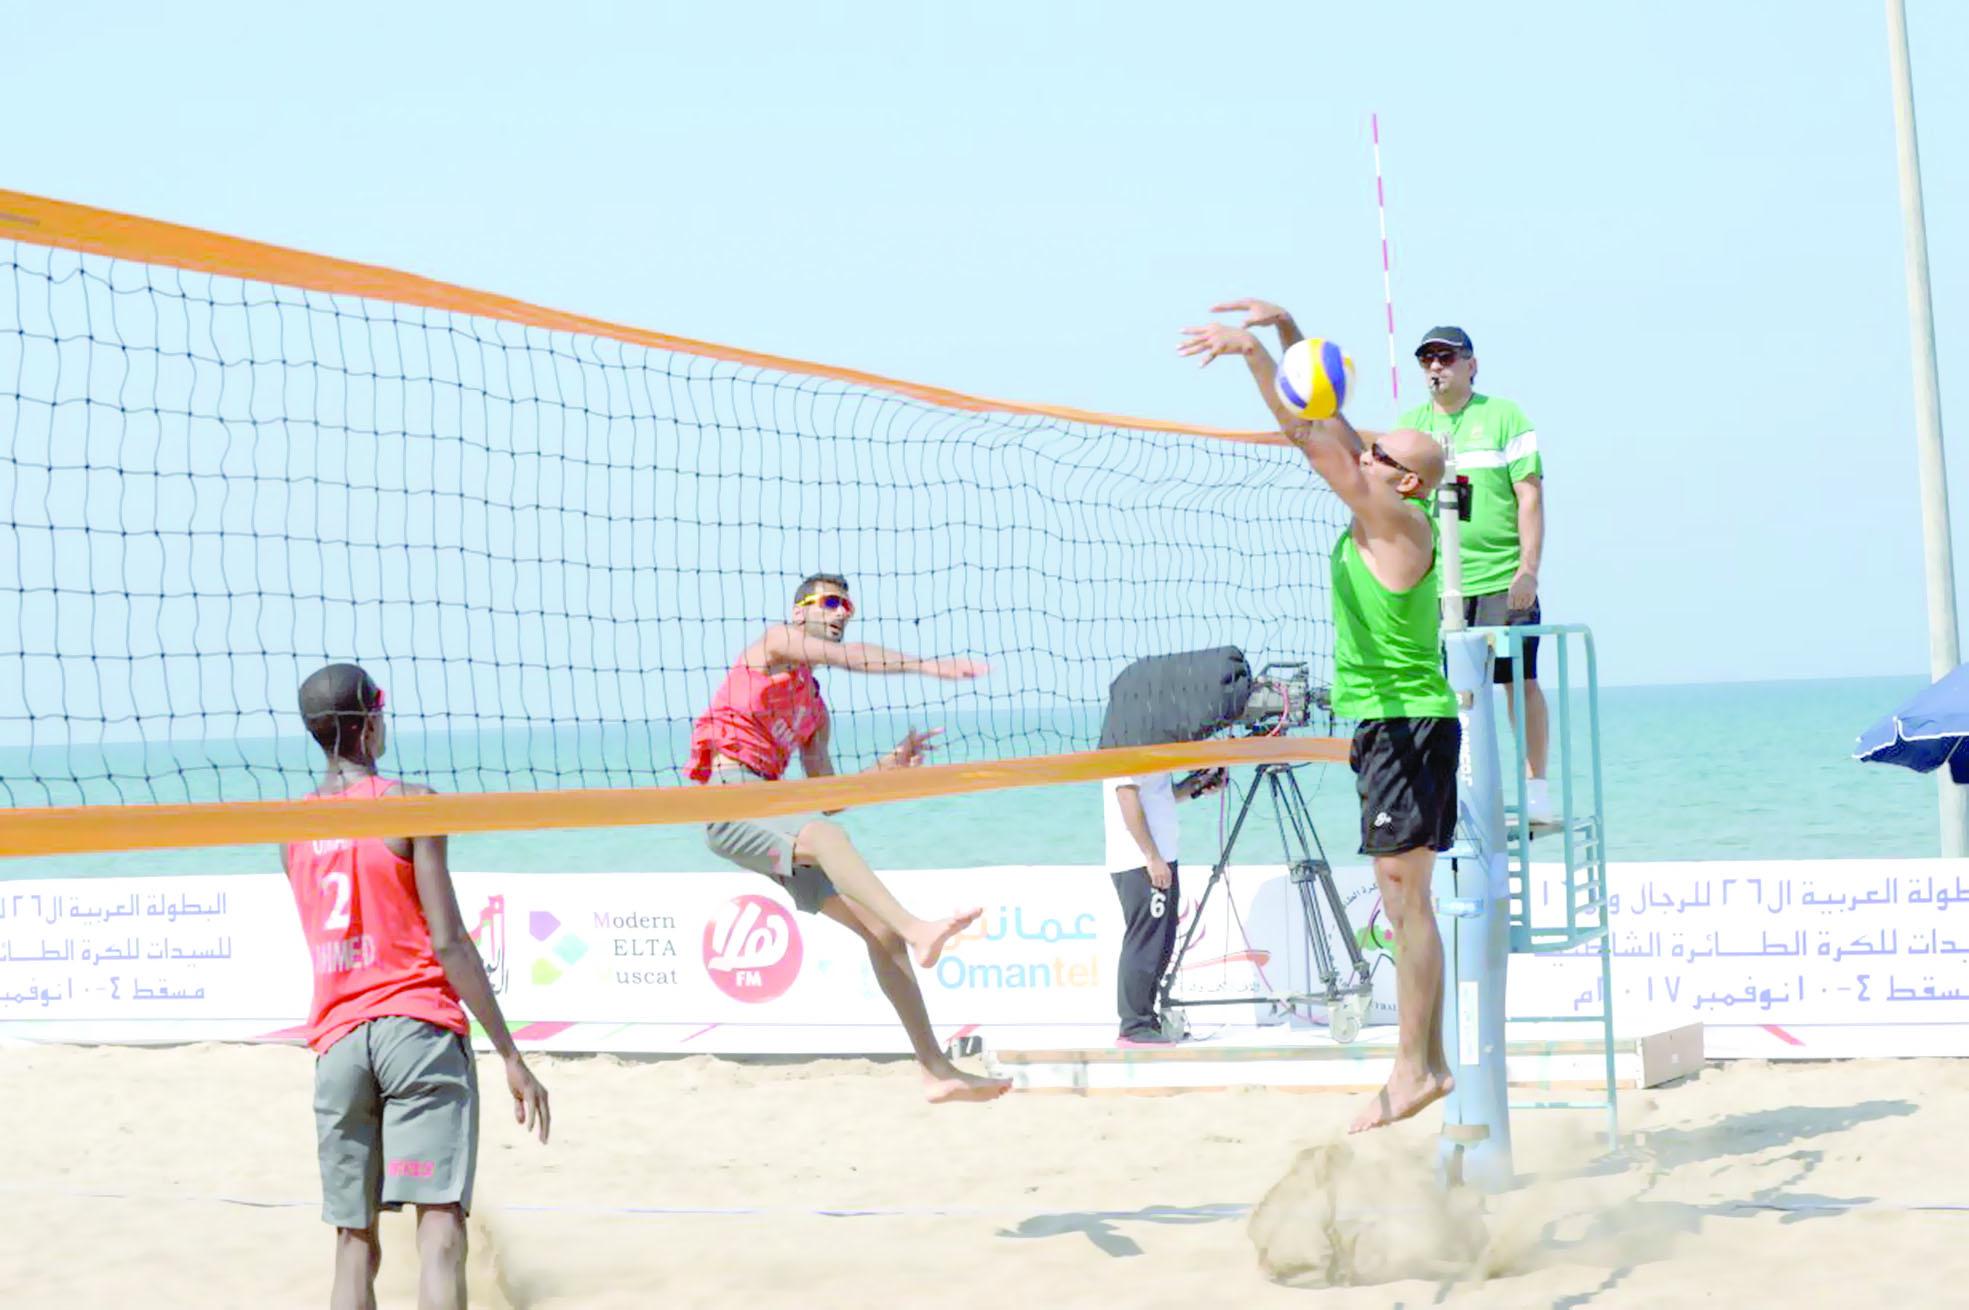 السلطنة تستضيف البطولة العربية للكرة الطائرة الشاطئية